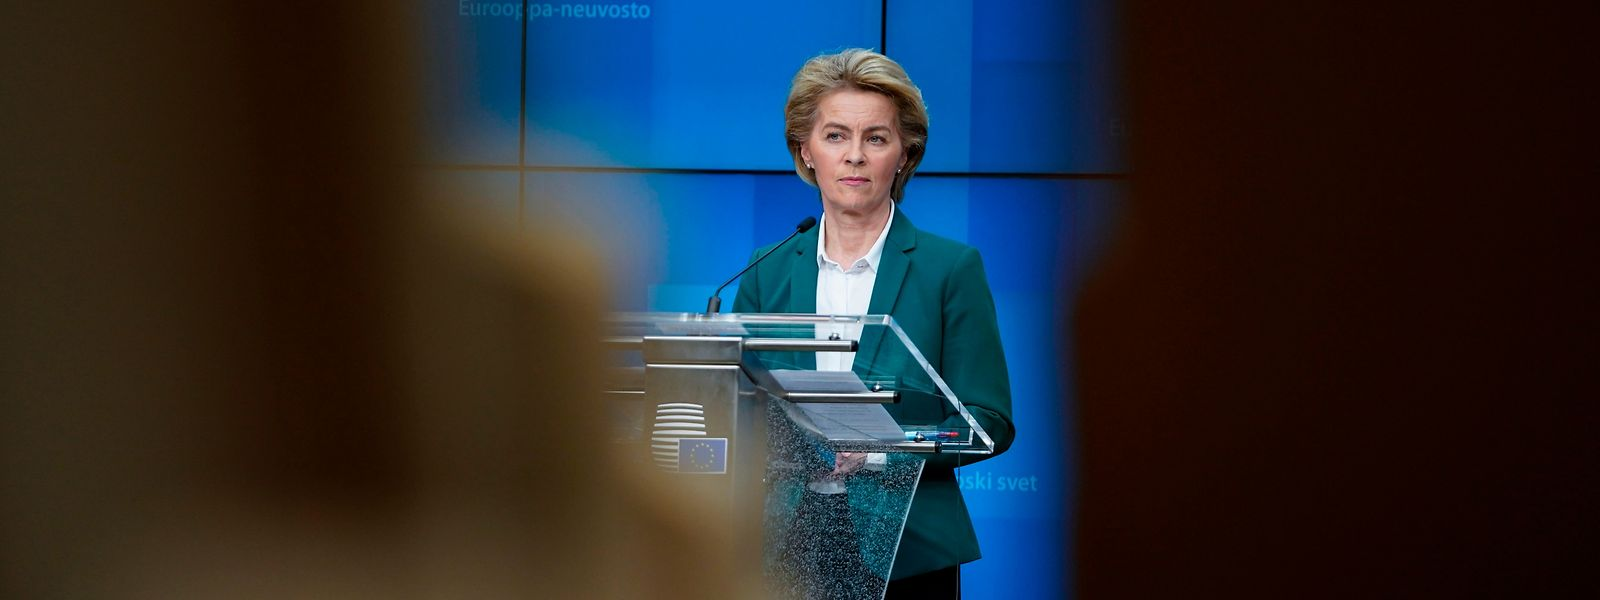 Ursula von der Leyen gab sich während der Pressekonferenz entschlossen.